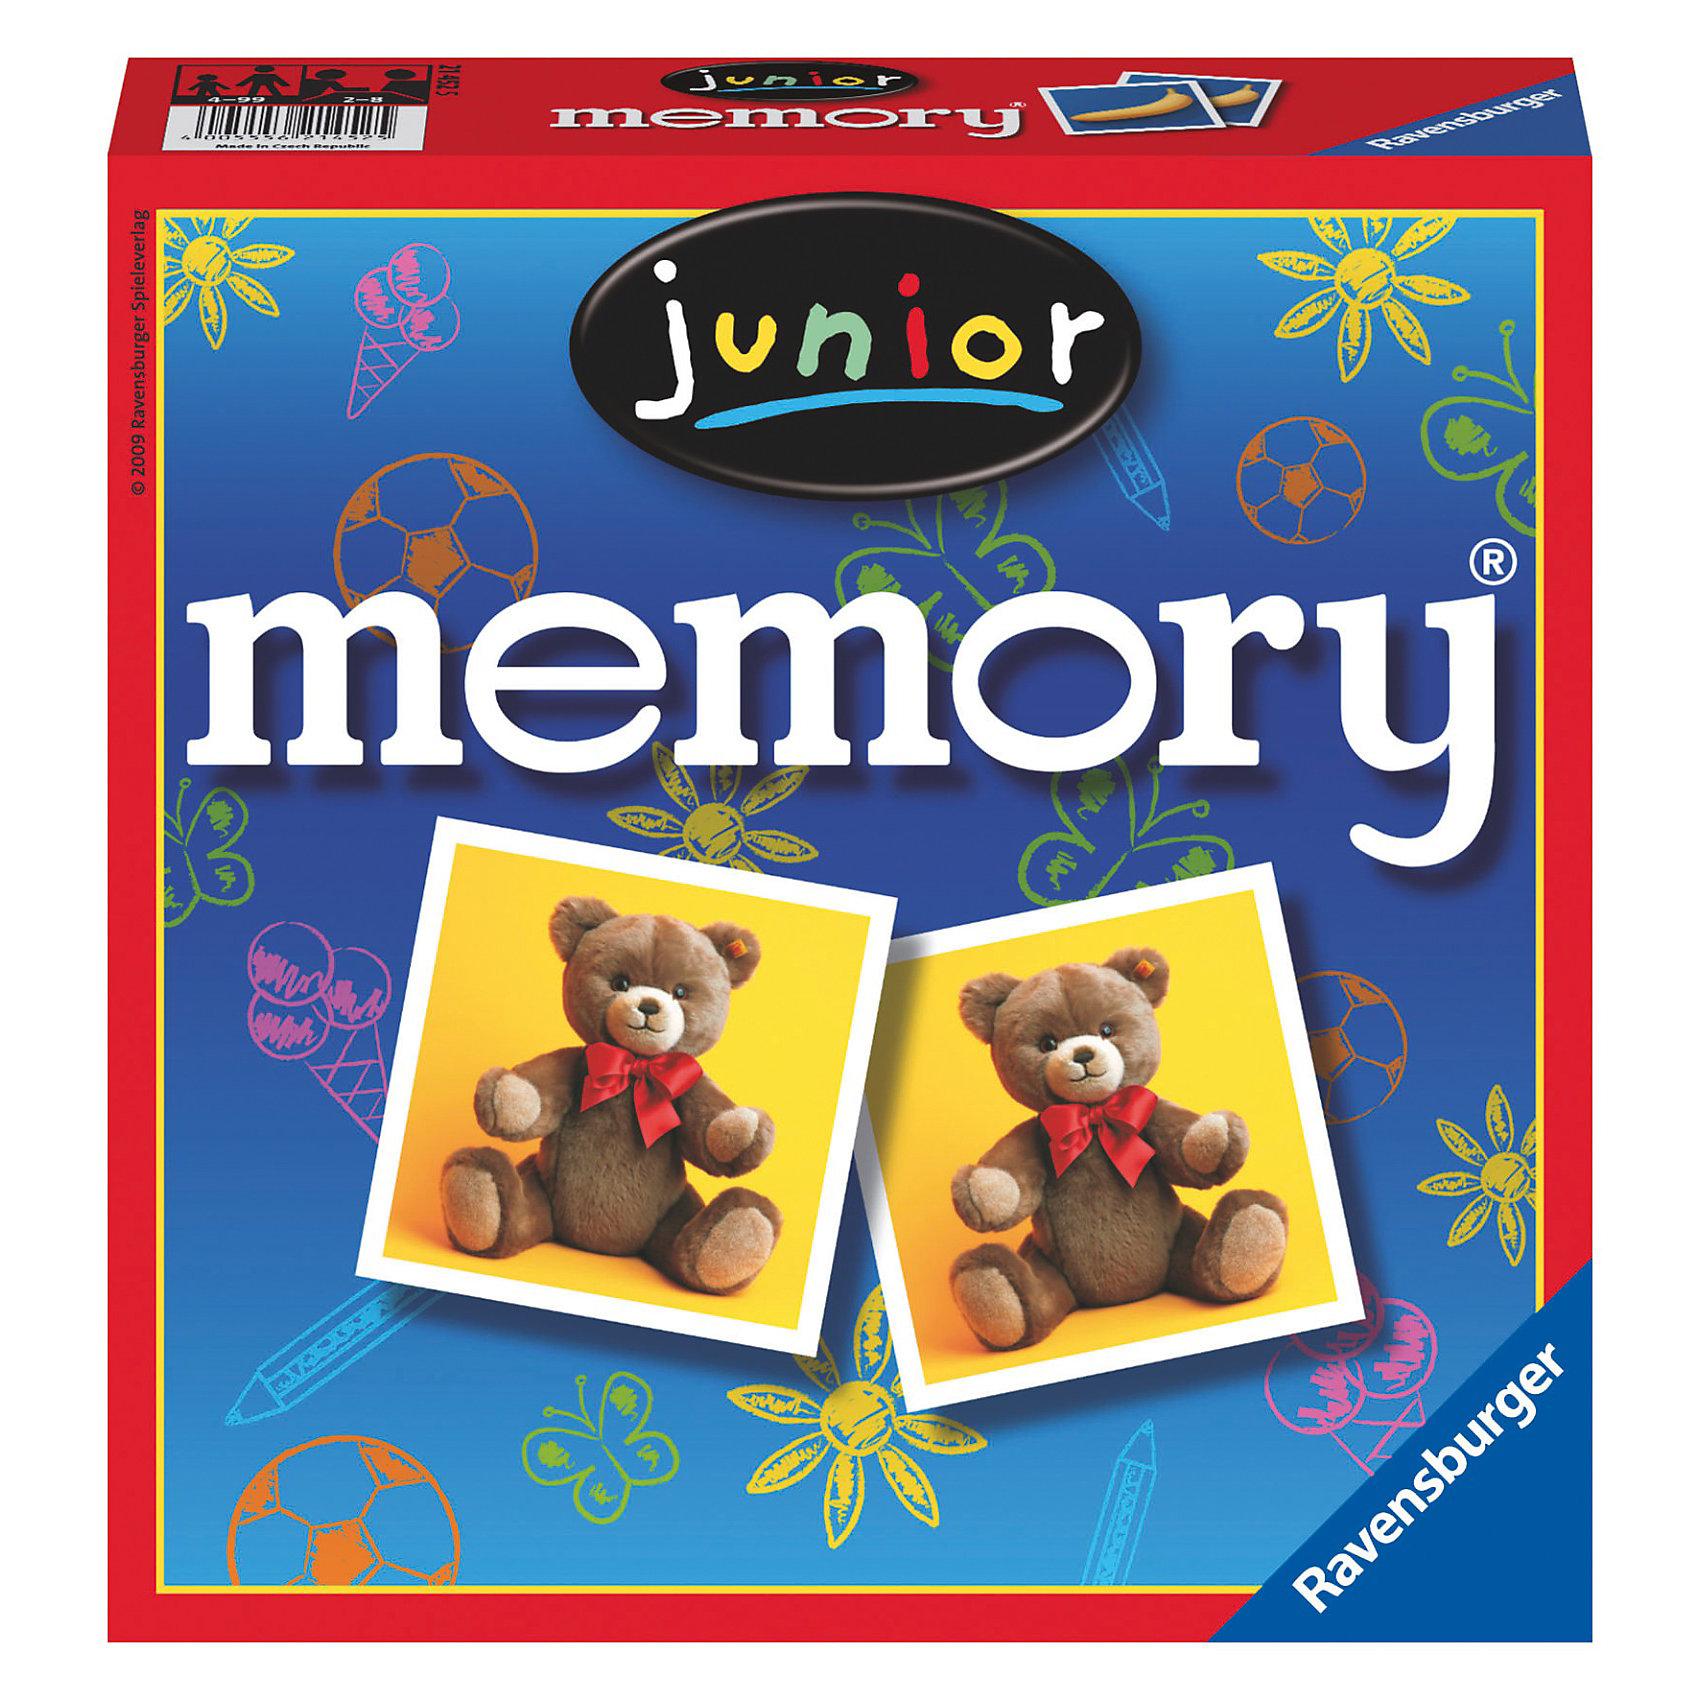 Игра Мемори. Мир детства RavensburgerИгра мемори Мир детства от Ravensburger соберет всю семью вместе! В нее будет интересно играть как малышам, так и взрослым.<br><br>На карточках изображены предметы, которые окружают ребенка - игрушки, карандаши, краски и многое другое. Все картинки красочные и четкие и отличаются первоклассным качеством полиграфии.<br><br>Как играть в мемори? Необходимо хорошо перемешать все карточки и разложить их на столе картинками вниз. Первый игрок открывает любые две карточки. Если открылись две одинаковые, то игрок забирает их себе и продолжает открывать, пока не откроет две разные карточки. В этом случае игру продолжает следующий игрок. Победителем считается тот, кто собрал наибольшее количество пар.<br><br>Игра отлично развивает зрительную память, внимание, обладает обучающим эффектом.<br><br>Мемори Мир детства - замечательная настольная игра для семейного досуга!<br><br>Дополнительная информация:<br><br>Количество игроков: 2-4.<br>В комплекте: 72 карточки (36 пар).<br>Материал: плотный картон. <br>Размер карточки: 6 х 6 х 0,2 см.<br><br>Игру мемори Мир детства Ravensburger можно купить в нашем магазине.<br><br>Ширина мм: 193<br>Глубина мм: 195<br>Высота мм: 50<br>Вес г: 419<br>Возраст от месяцев: 48<br>Возраст до месяцев: 84<br>Пол: Унисекс<br>Возраст: Детский<br>SKU: 1020196